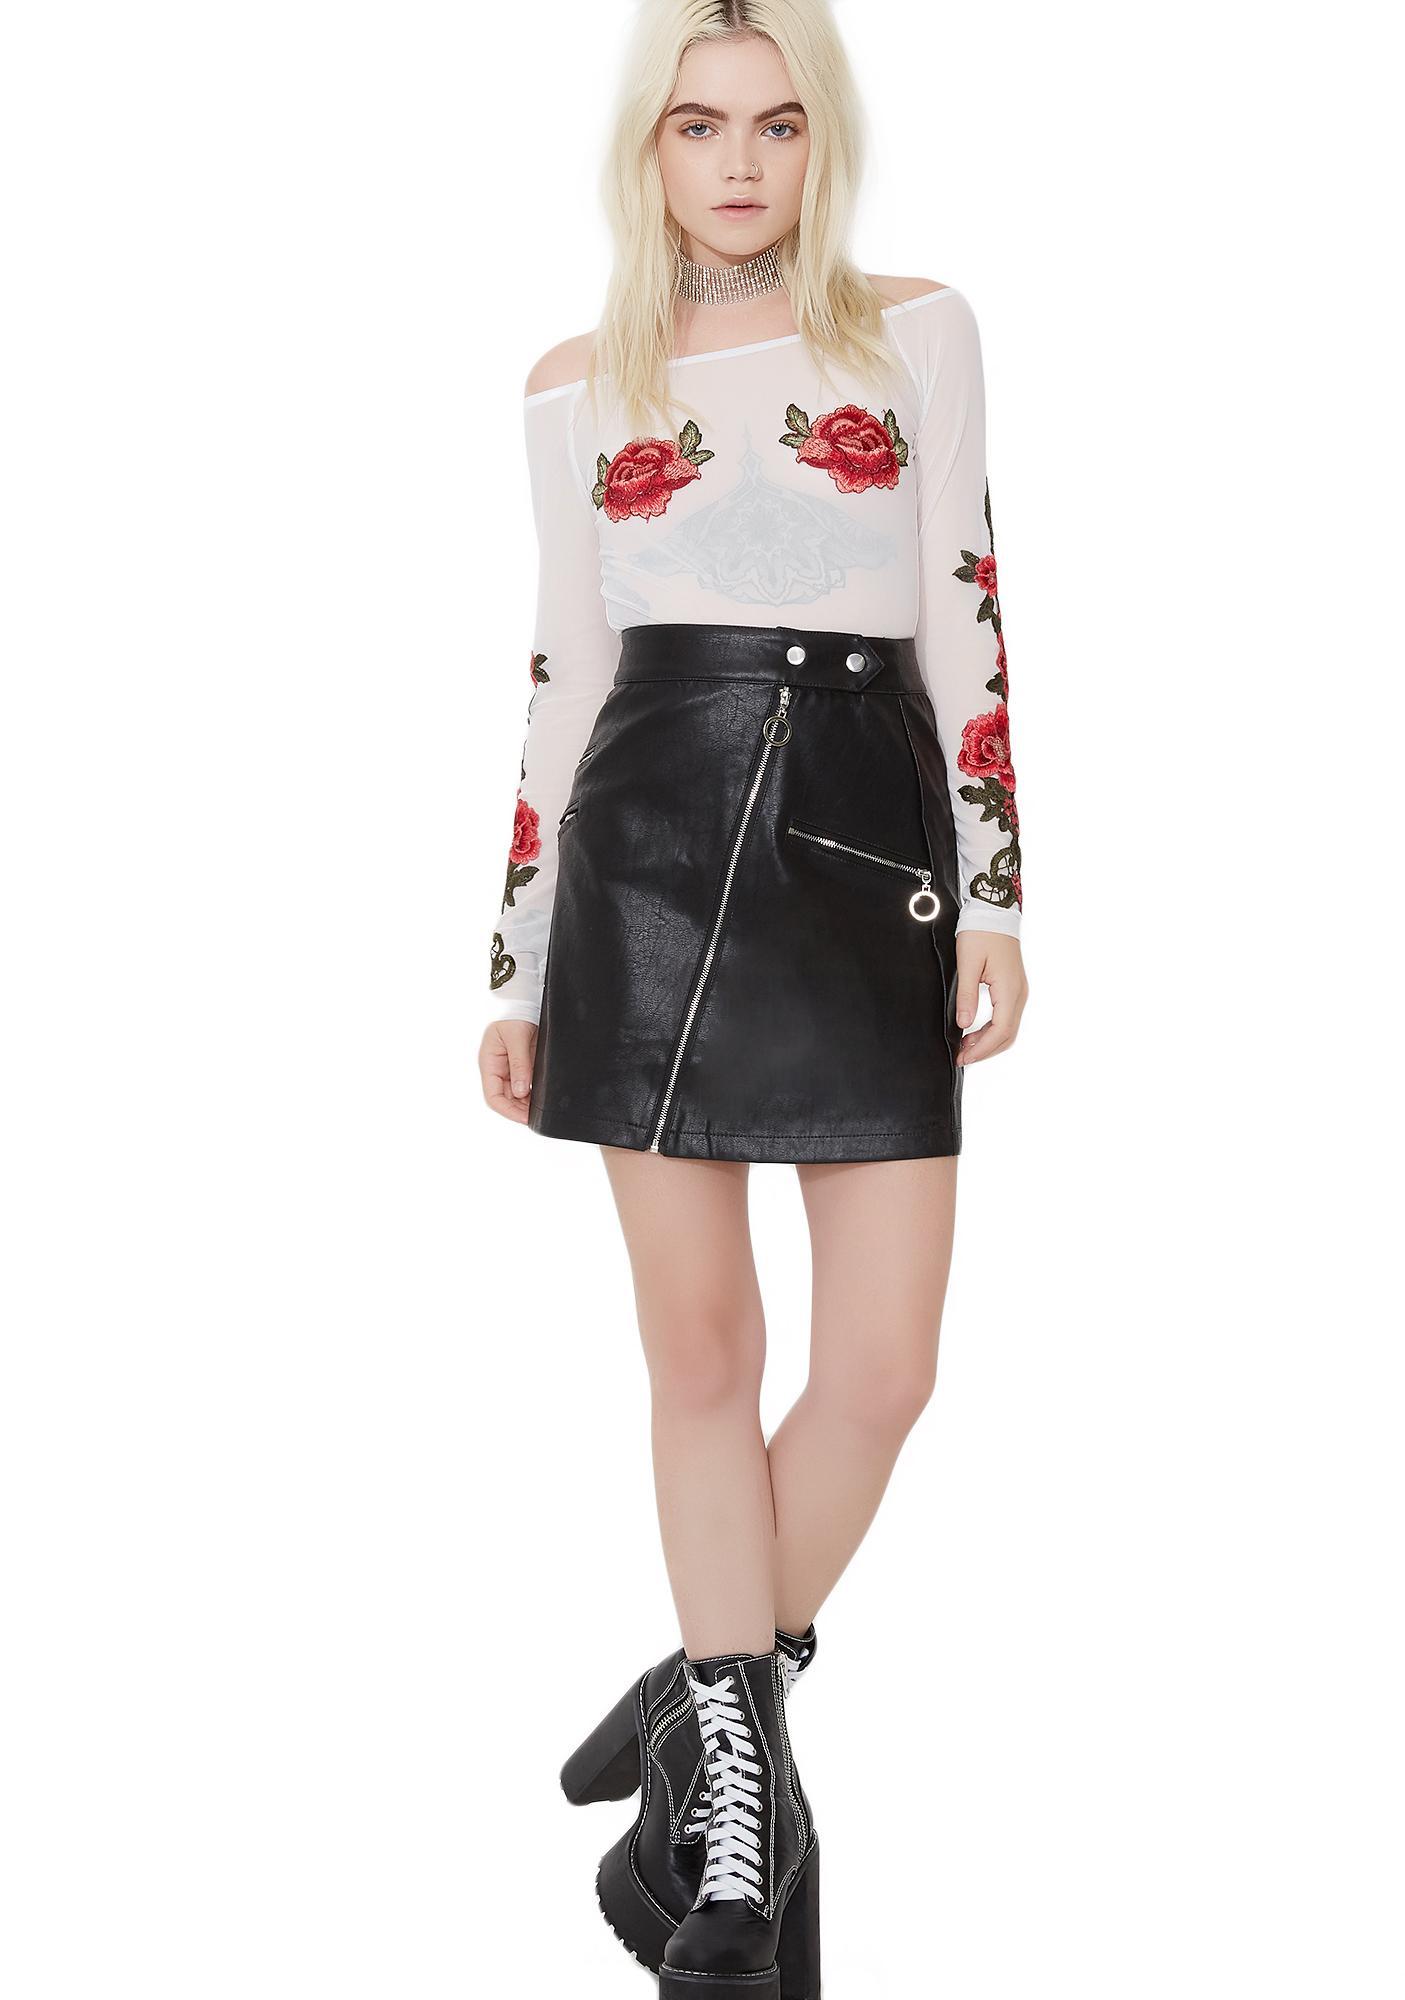 Sweet Temptation Sheer Rose Bodysuit